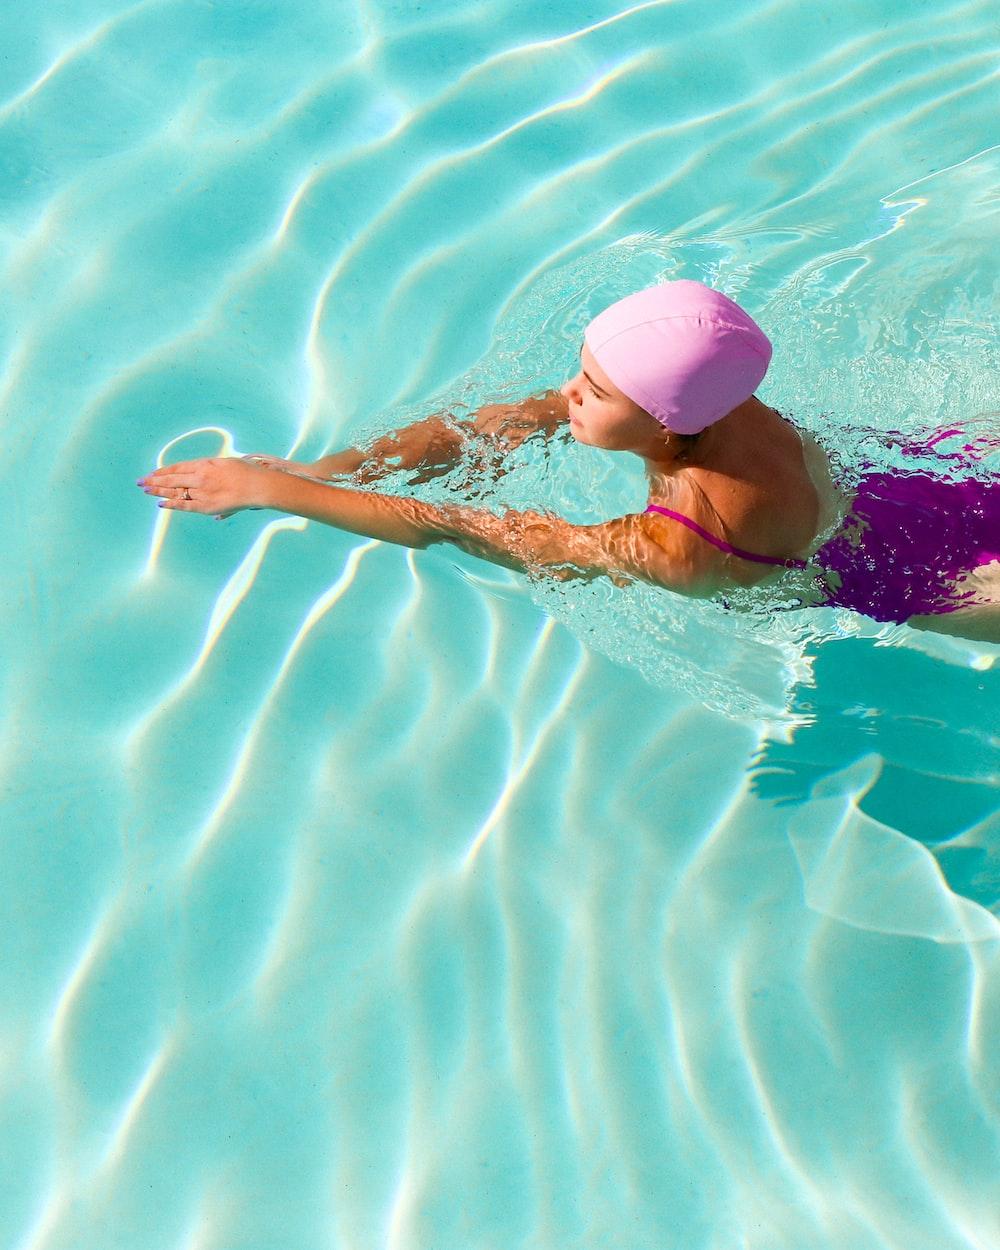 woman in pink bikini swimming on pool